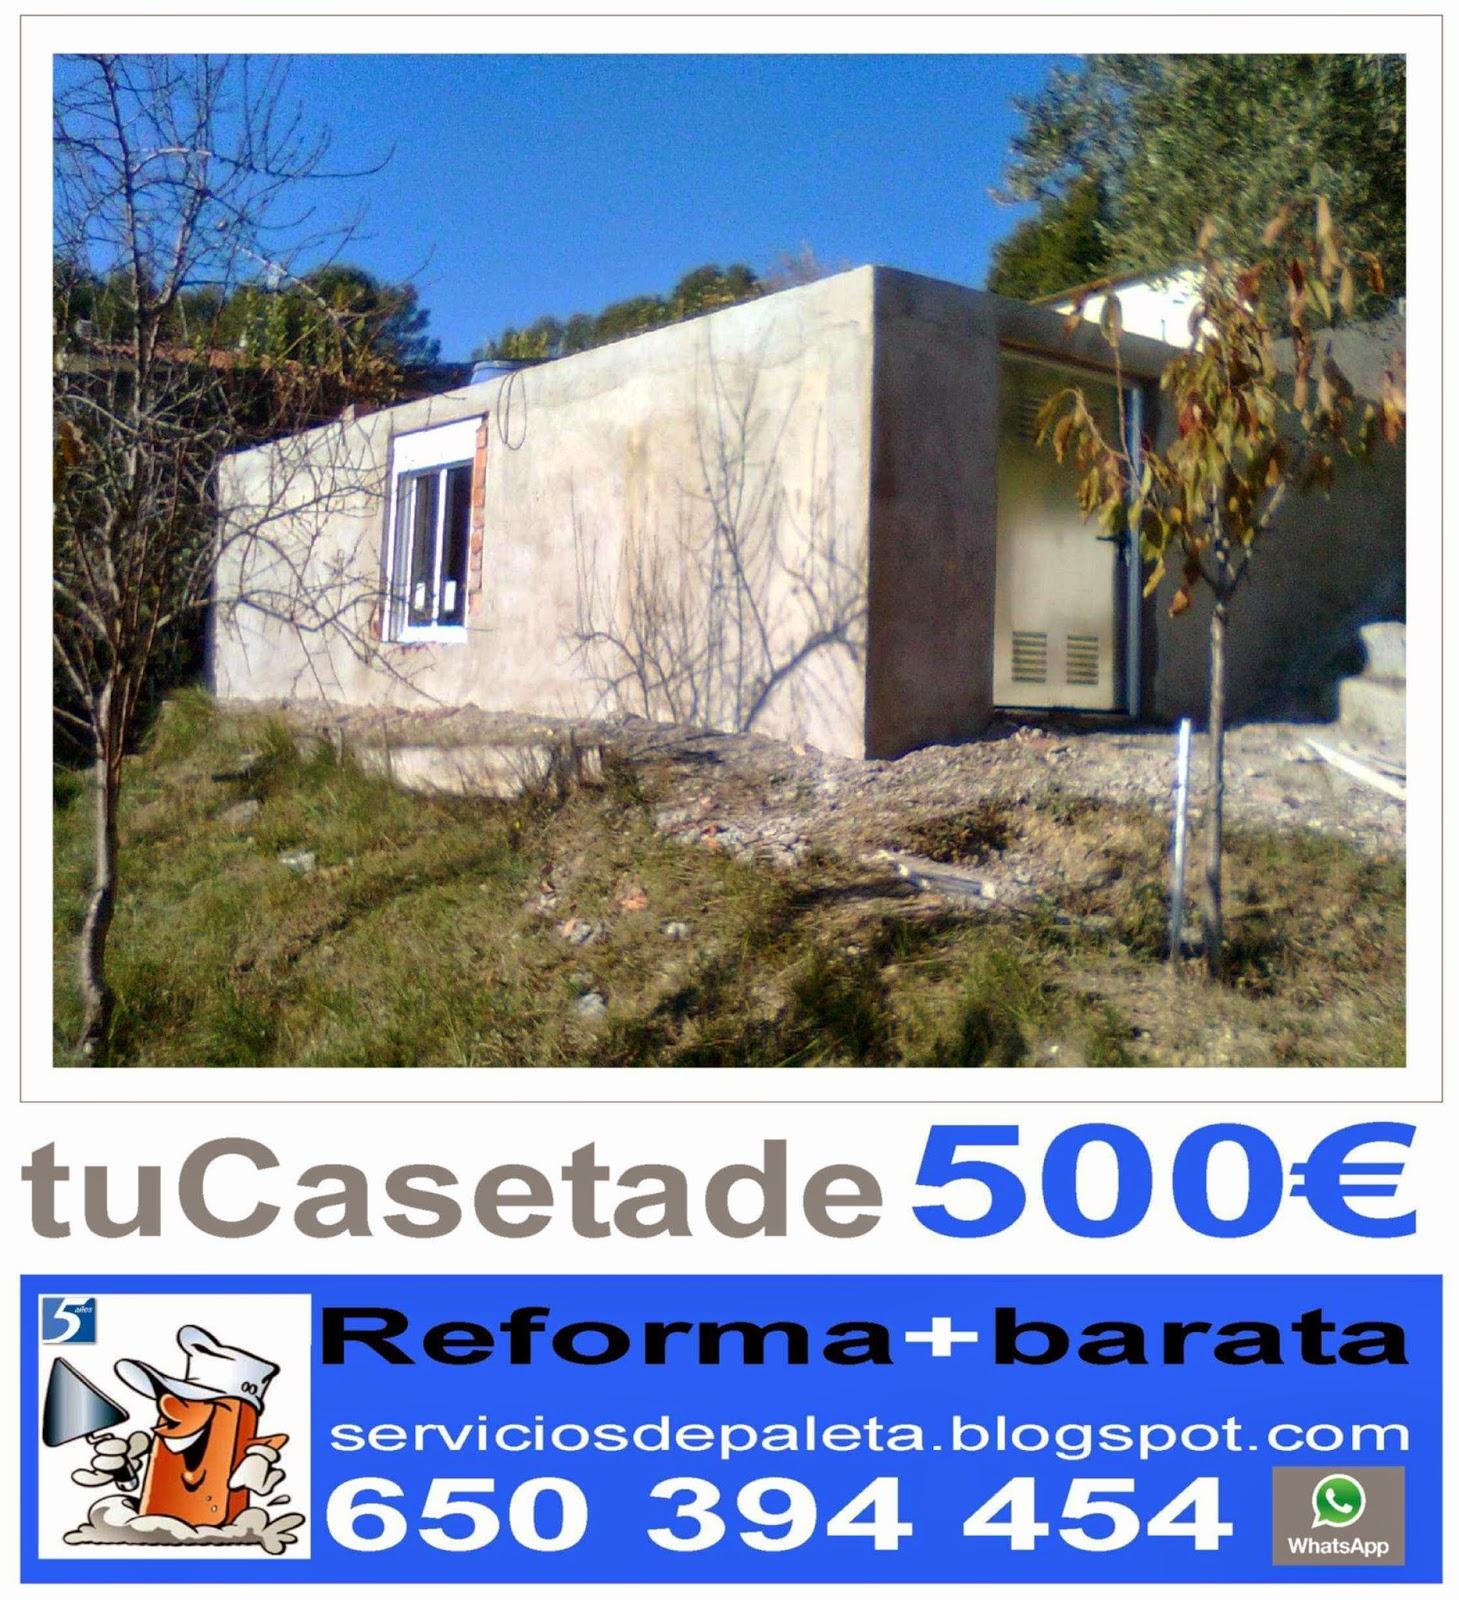 Serviciosdejardineriabasica jardineria barata tucasetade500 for Casetas para guardar bicicletas